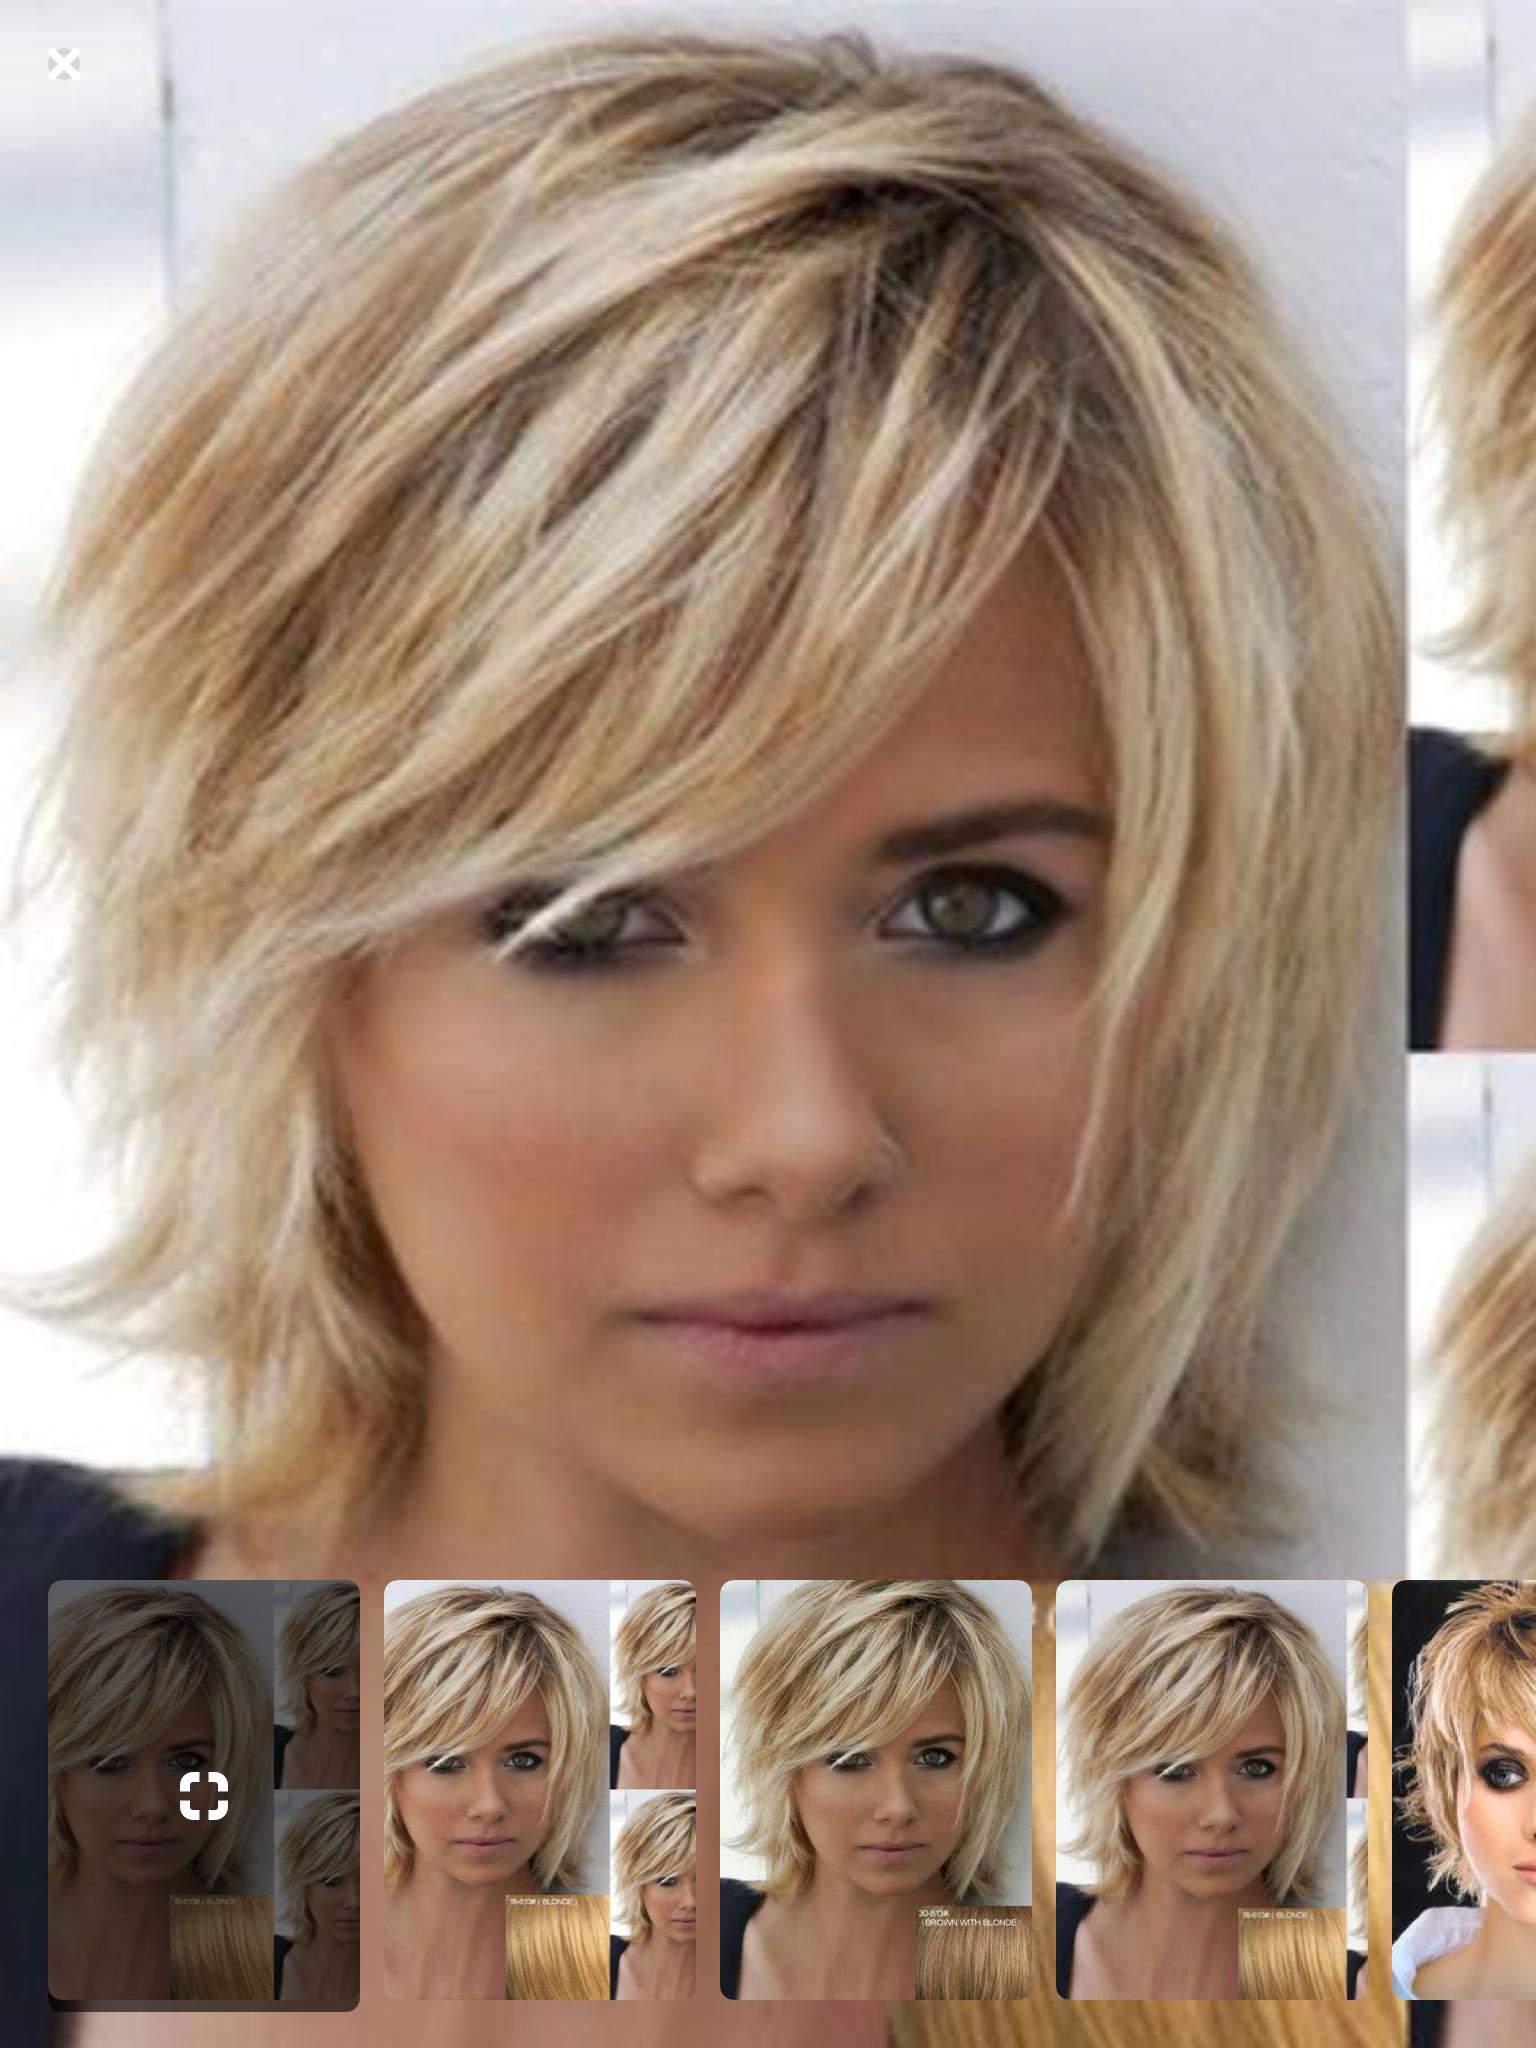 Pin Von Stephanie Daugard Auf Tagli Frisuren Fur Feines Dunnes Haar Fransige Frisuren Frisuren Kurze Haare Bob